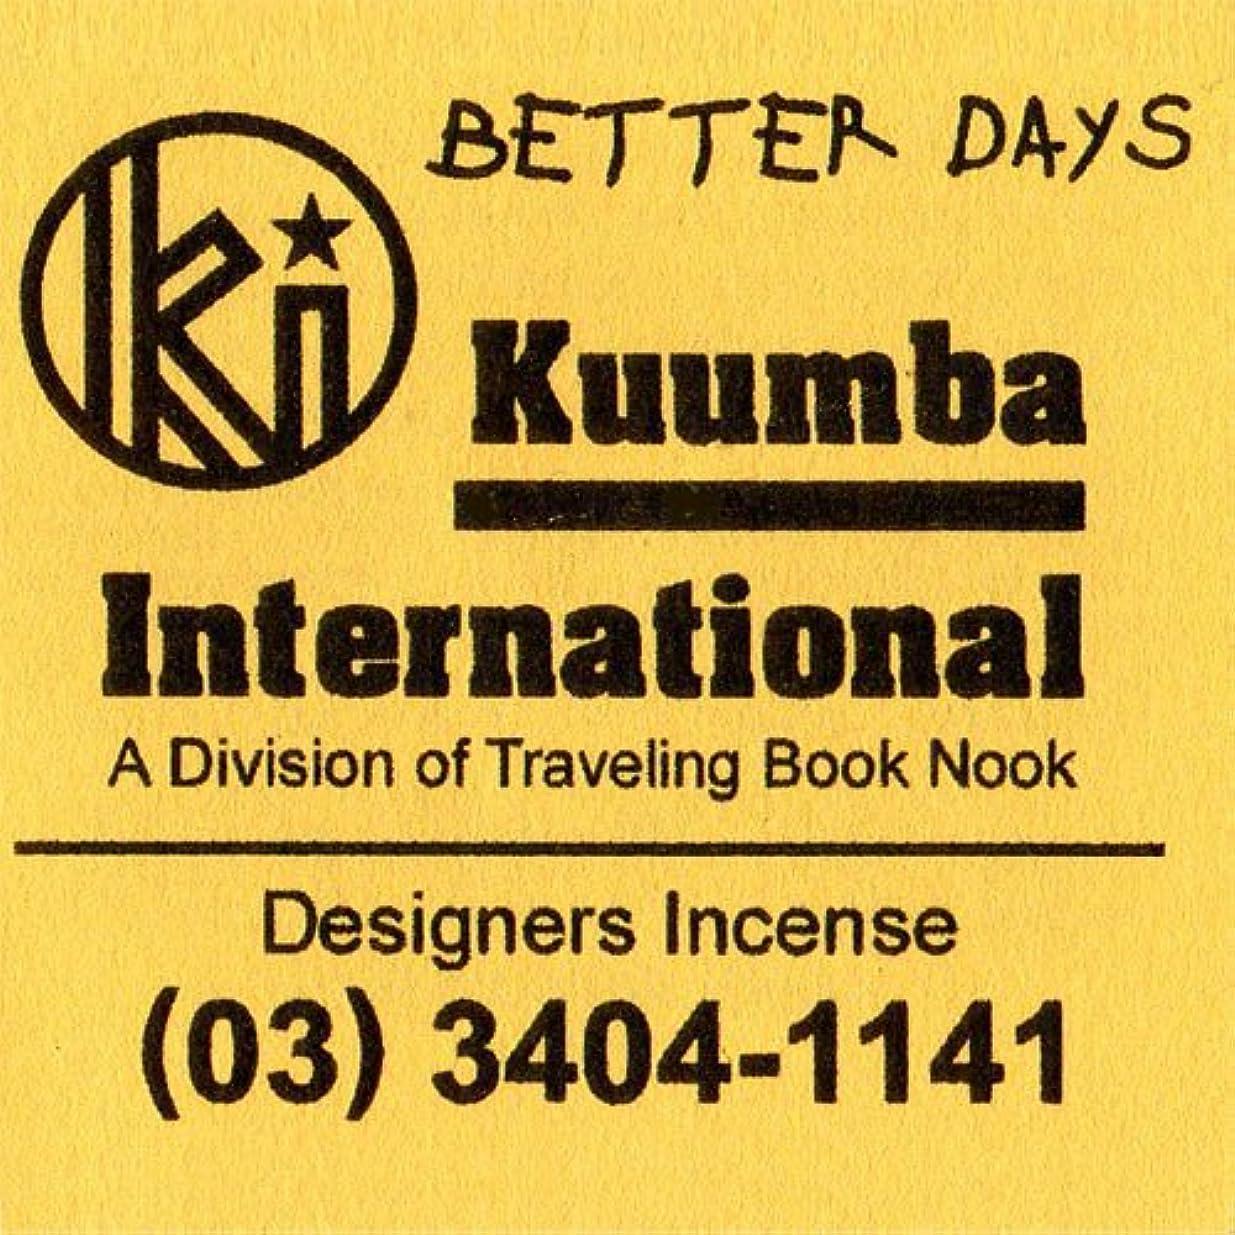 大人突然の覚醒KUUMBA/クンバ『incense』(BETTER DAYS) (Regular size)